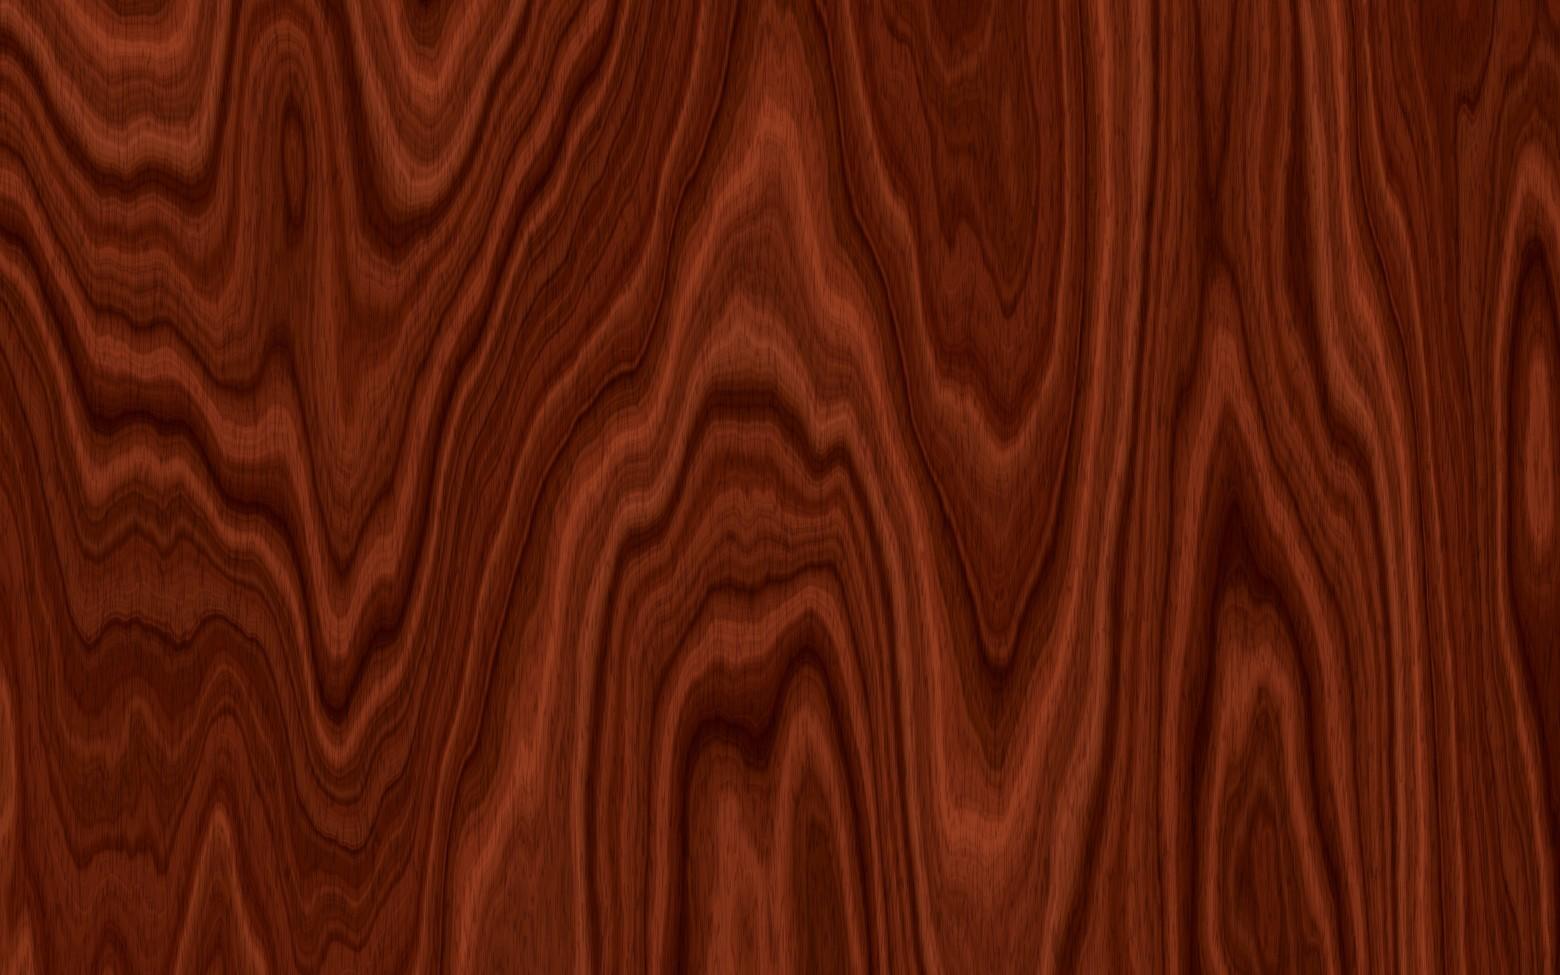 Wood Texture Bois Background Fond Arri 232 Re Plan Images